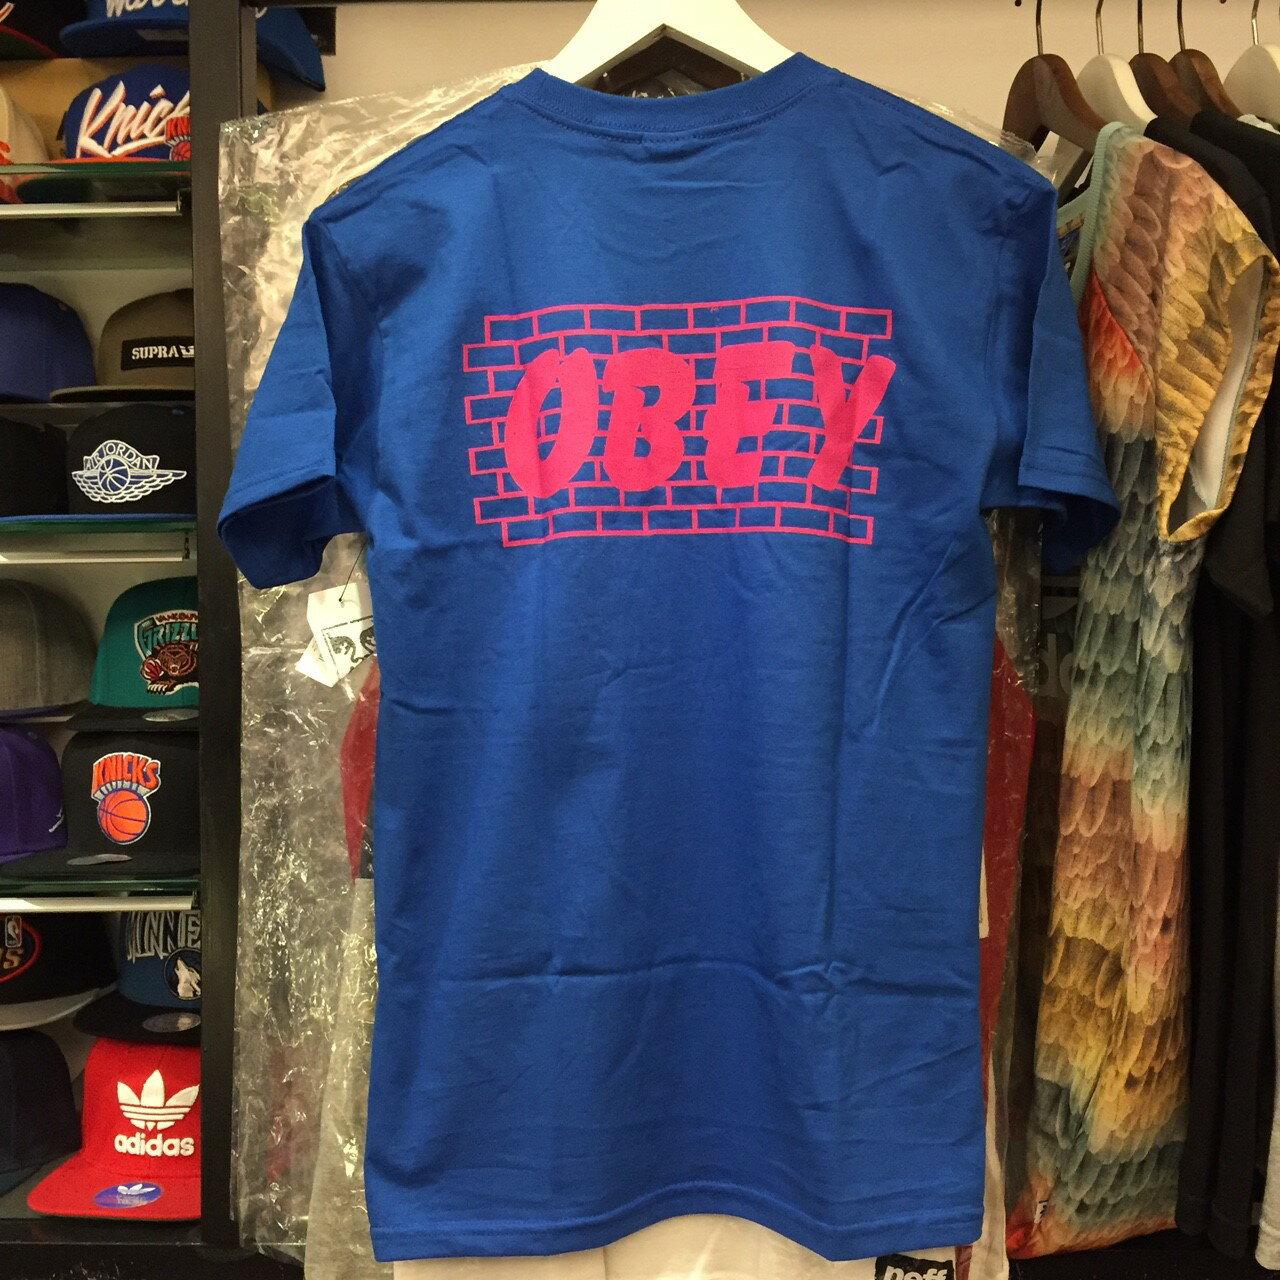 BEETLE OBEY BRICK WALL TEE 磚牆 寶藍 白字 藍白 LOGO 短T TEE OB-419 163081179ROY 2